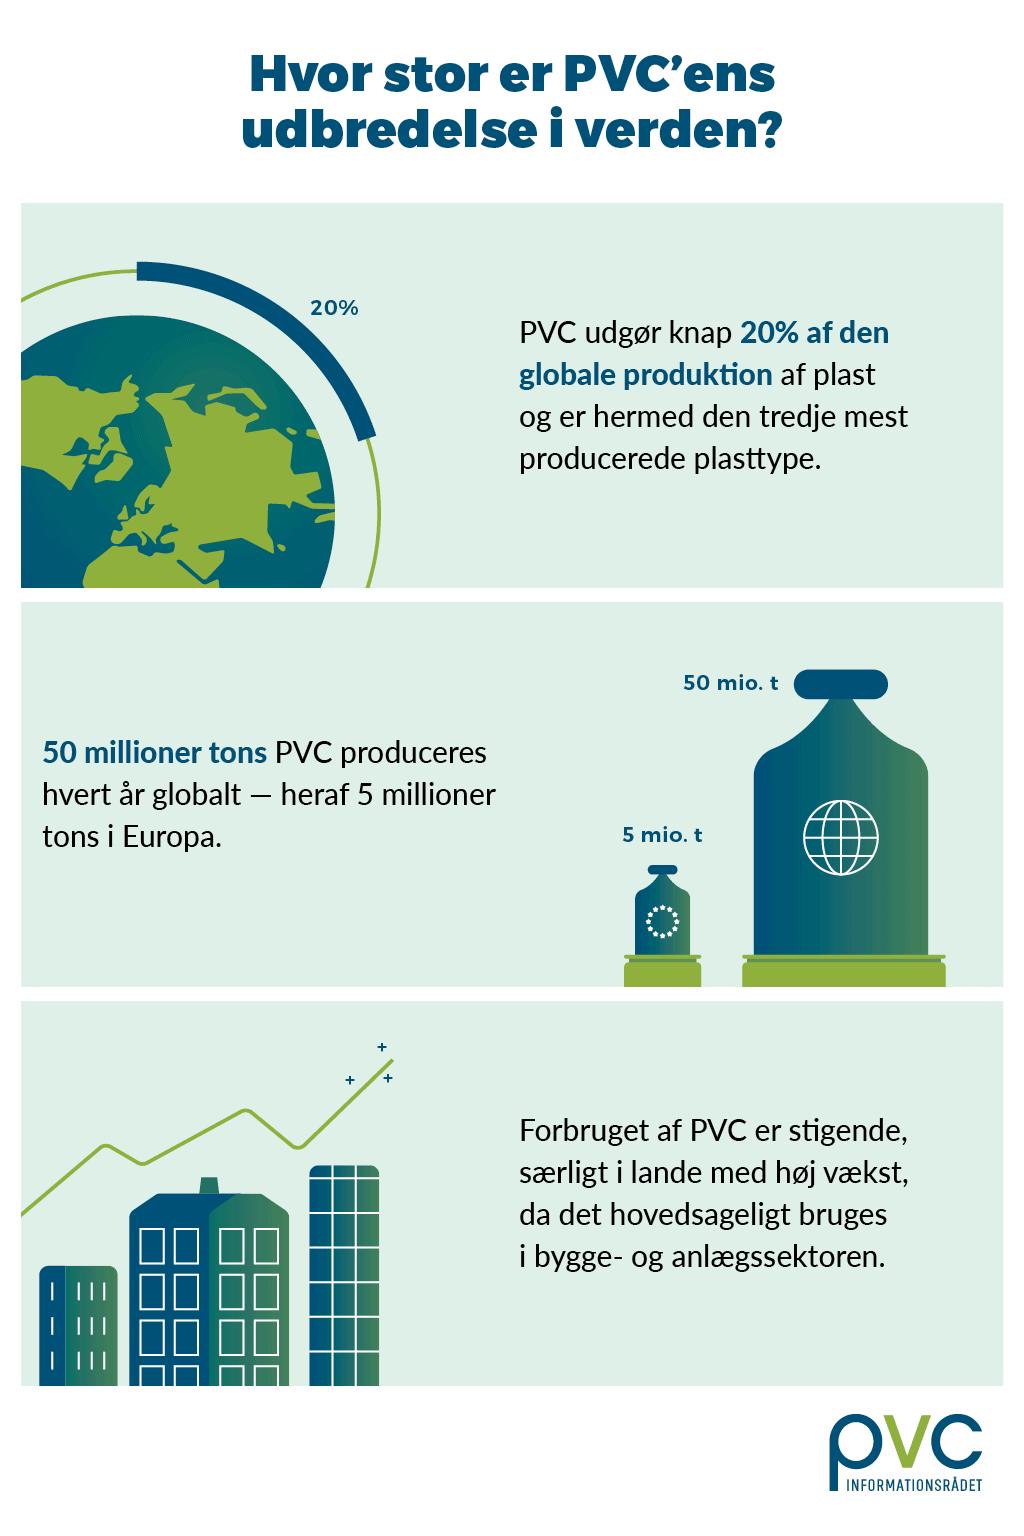 Hvor stor er PVC'ens udbredelse i verden